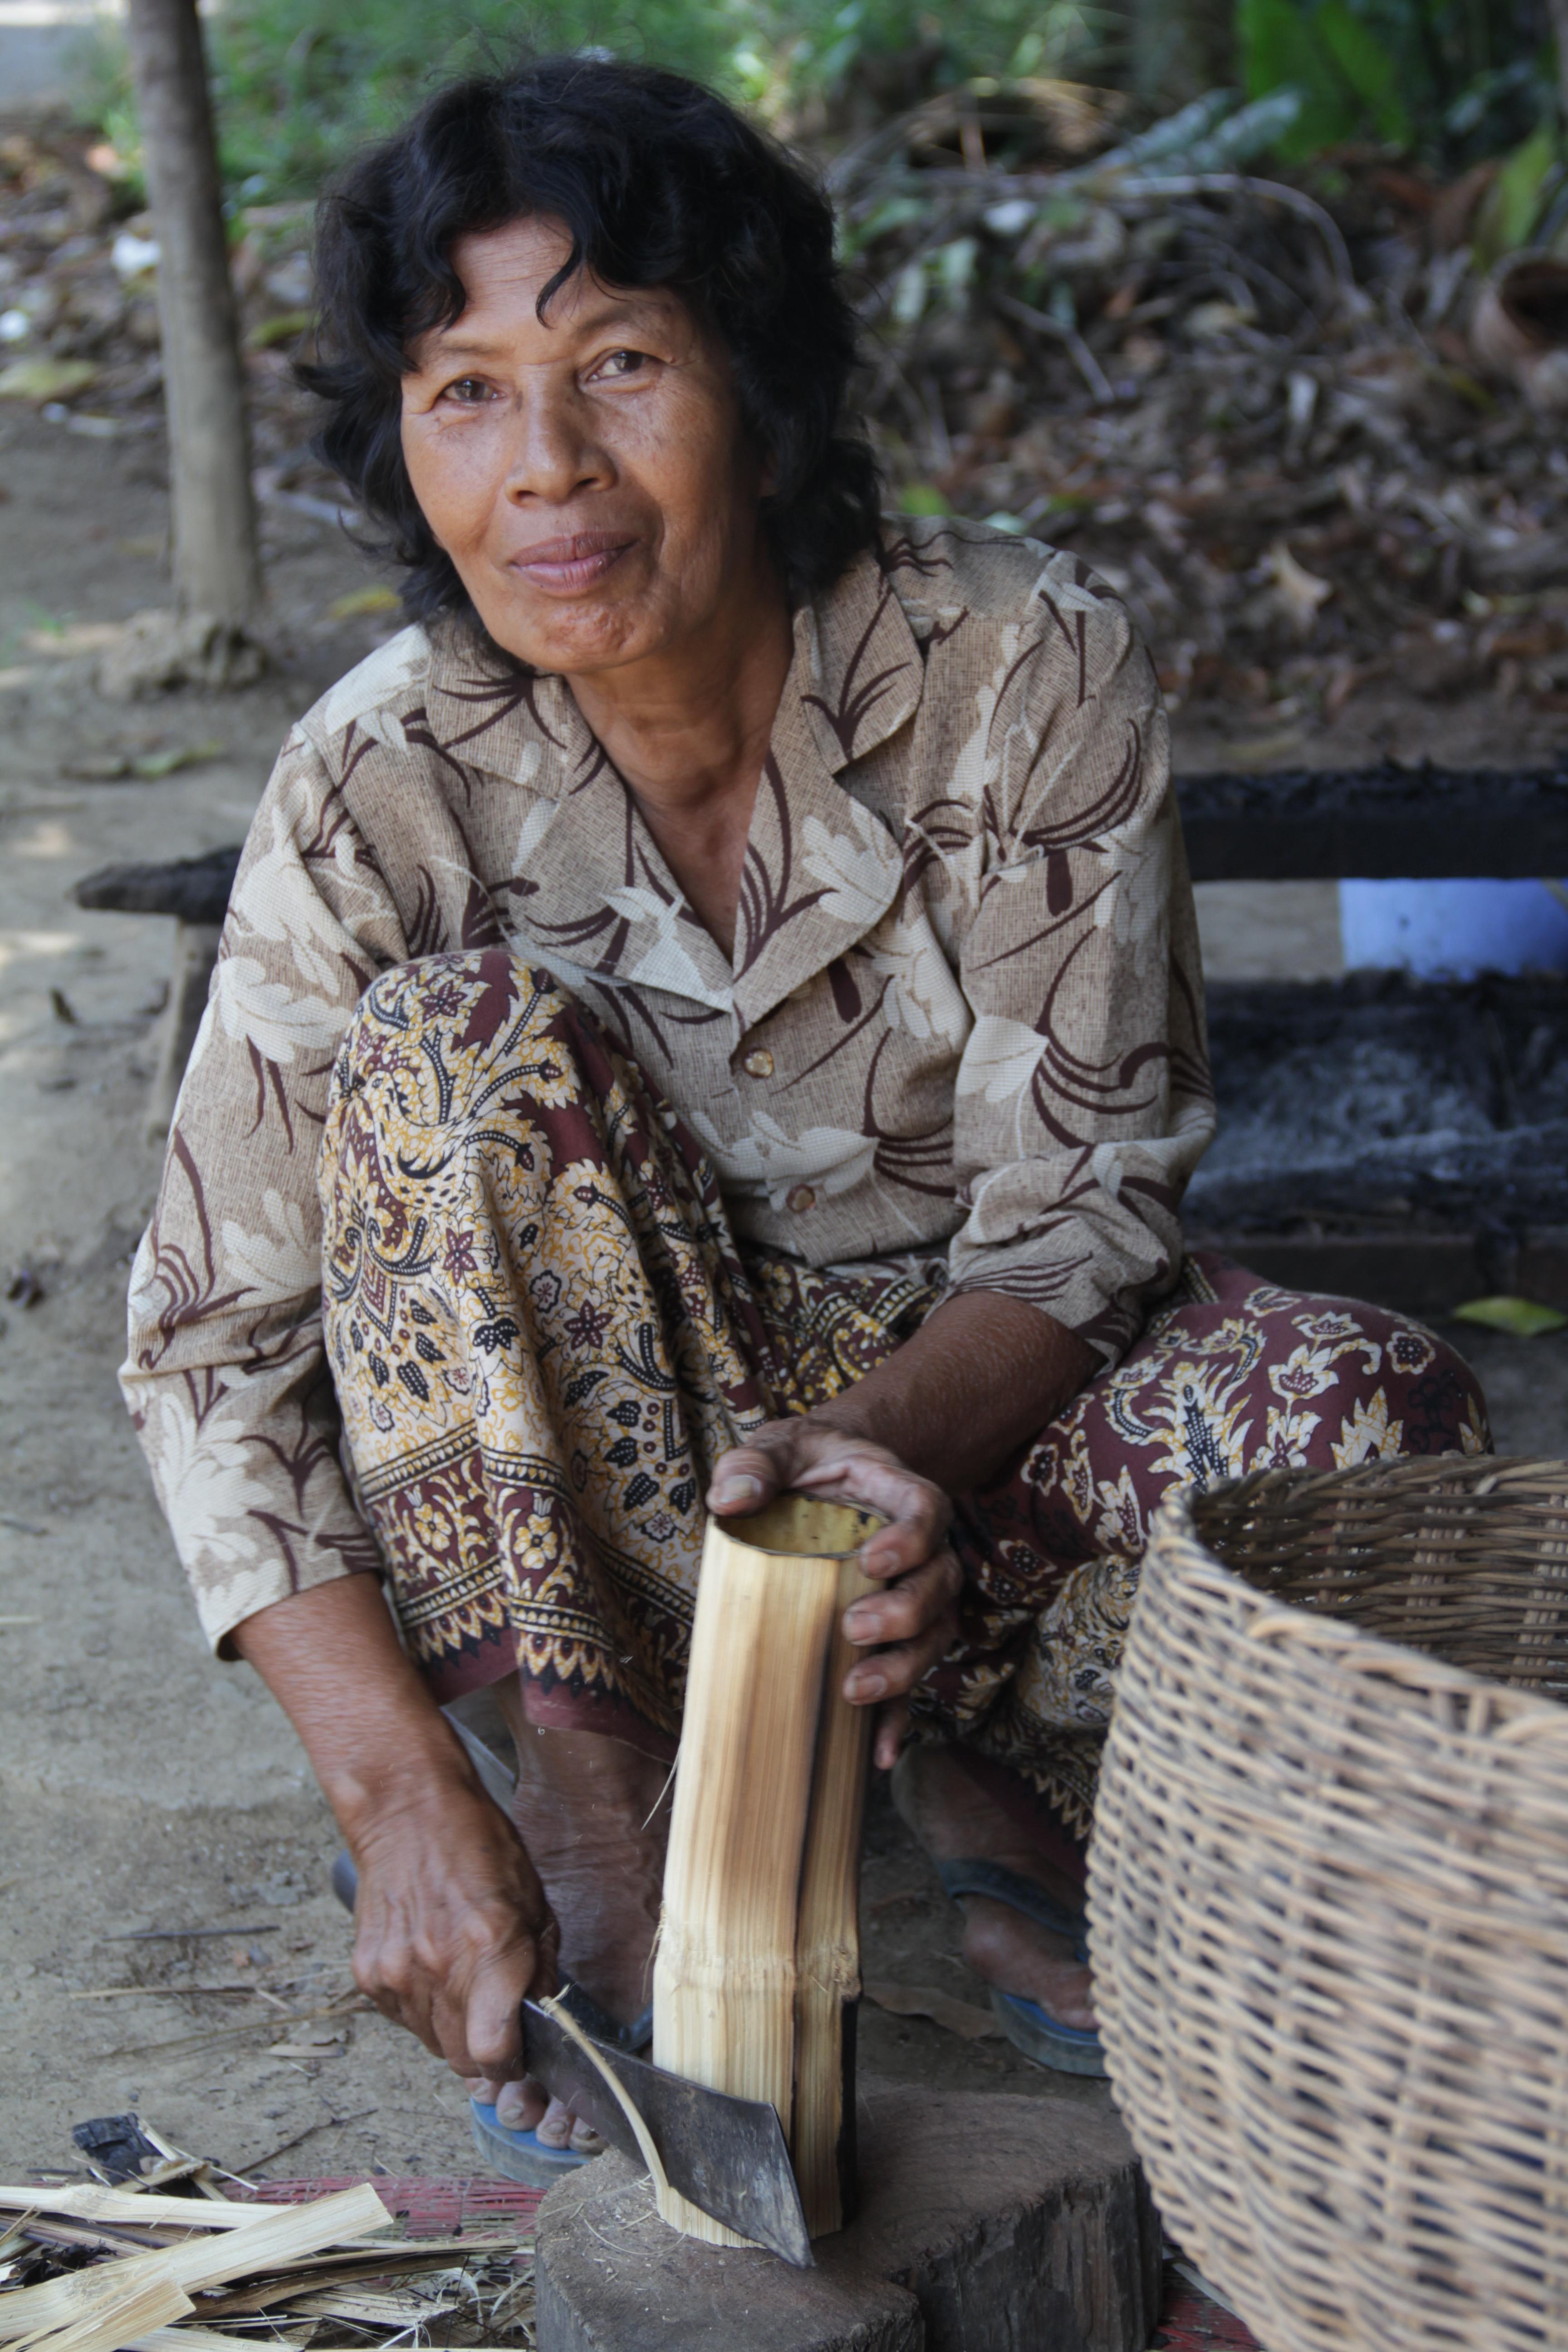 Cette femme concocte des gâteaux de riz dans du bambou et les vend ensuite sur le marché (© Jérôme Decoster).